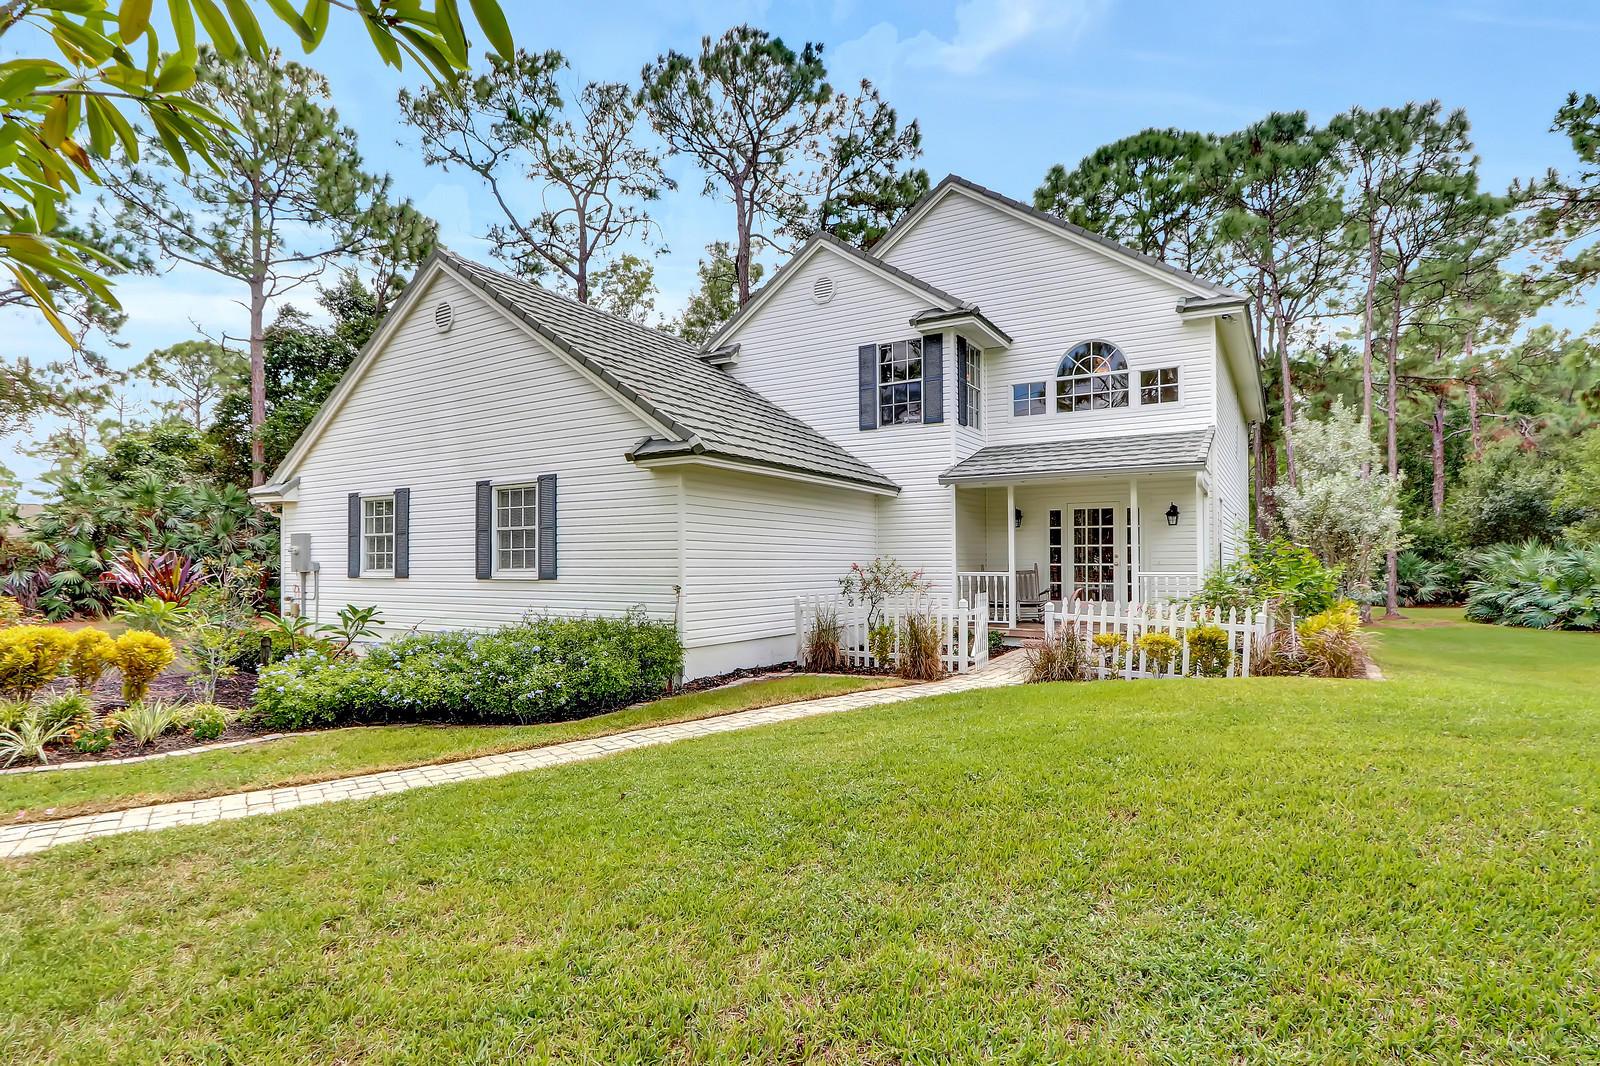 13884 71st Place The Acreage, FL 33470